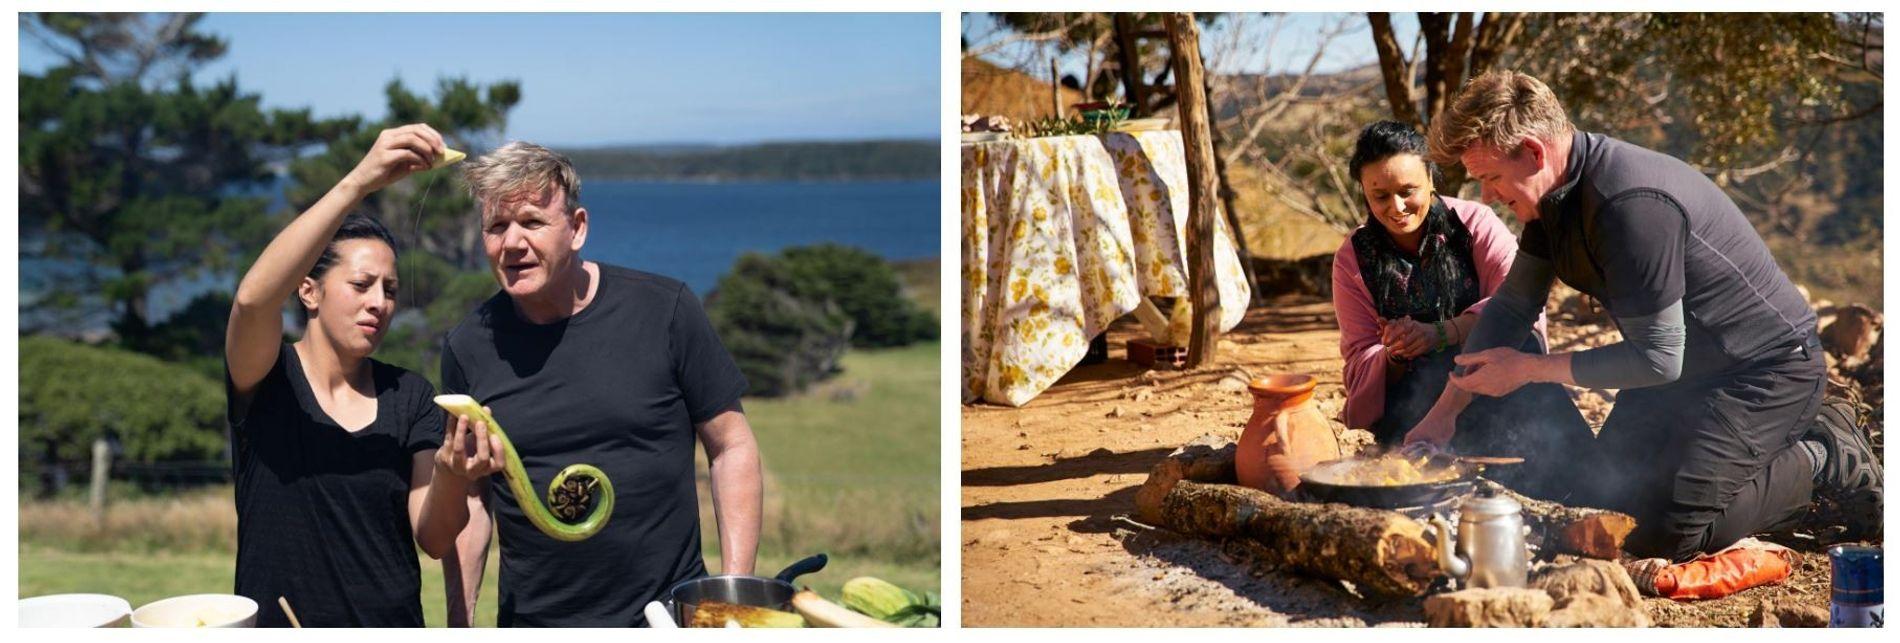 """Esquerda: A chef neozelandesa, Monique Fiso, ensina Gordon Ramsay a preparar """"Mamaku Frond"""", um ingrediente tradicional. Direita: ..."""